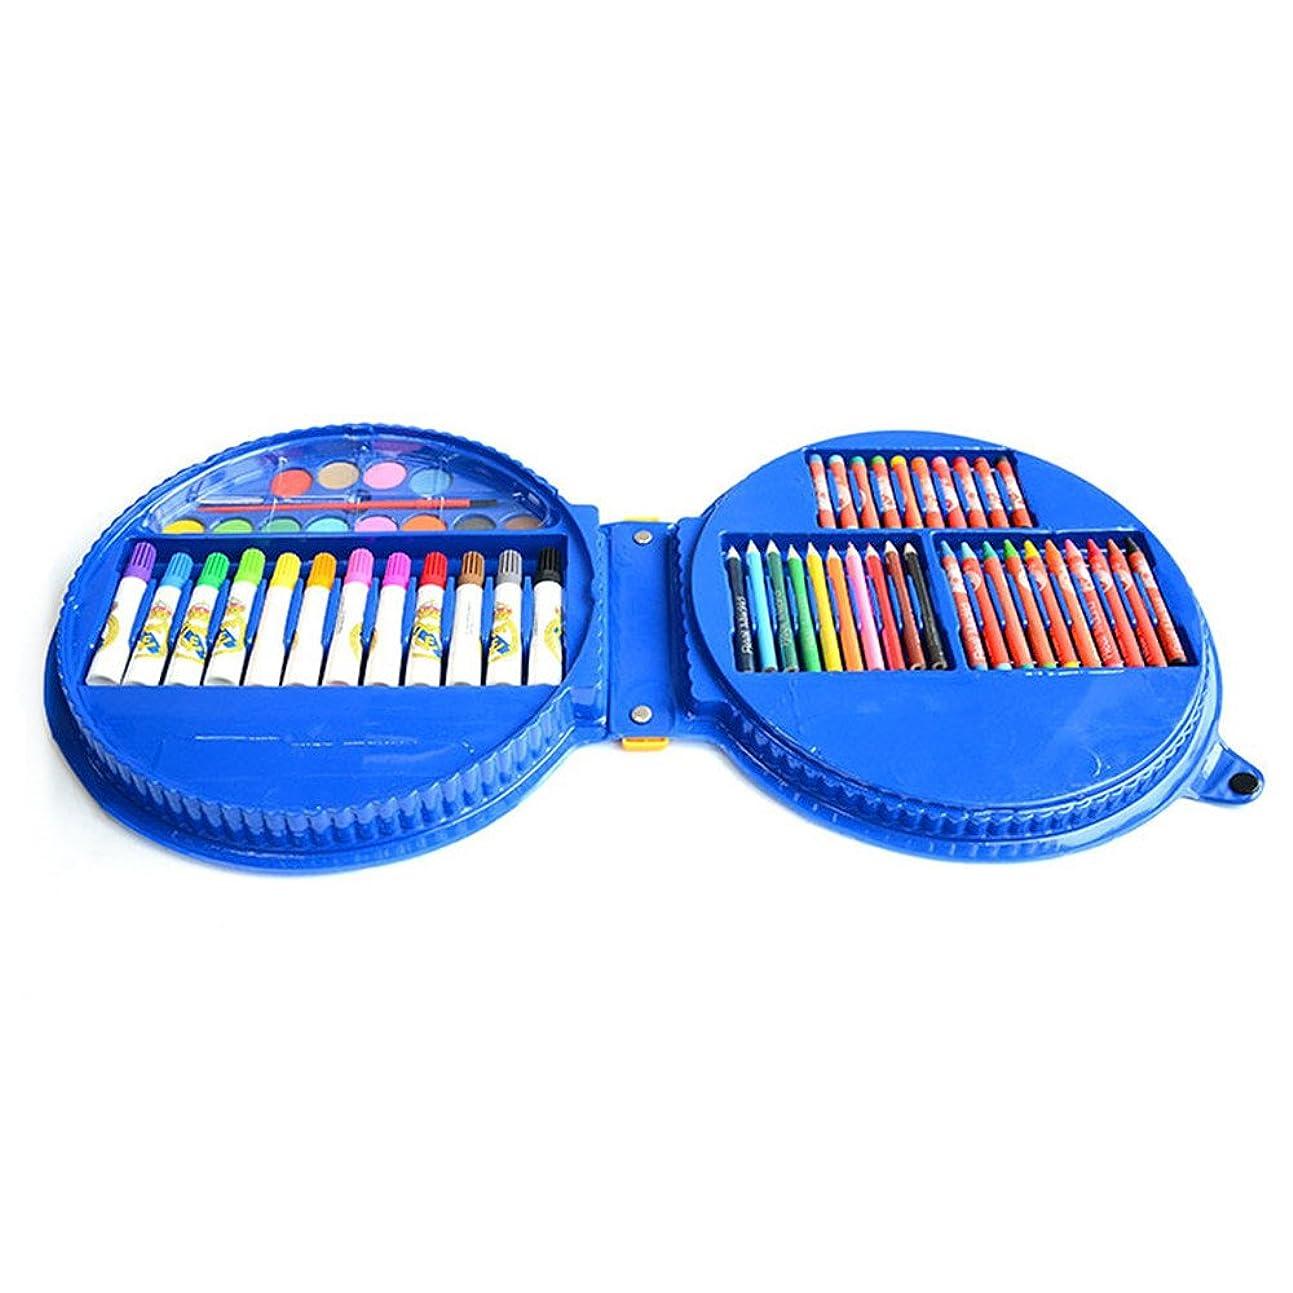 要塞けん引カテゴリーこども大人プロの水彩画の鉛筆セット 絵画67セットの品質の子供の絵画のカラーペンの4つの1つの描画ツール 水彩画